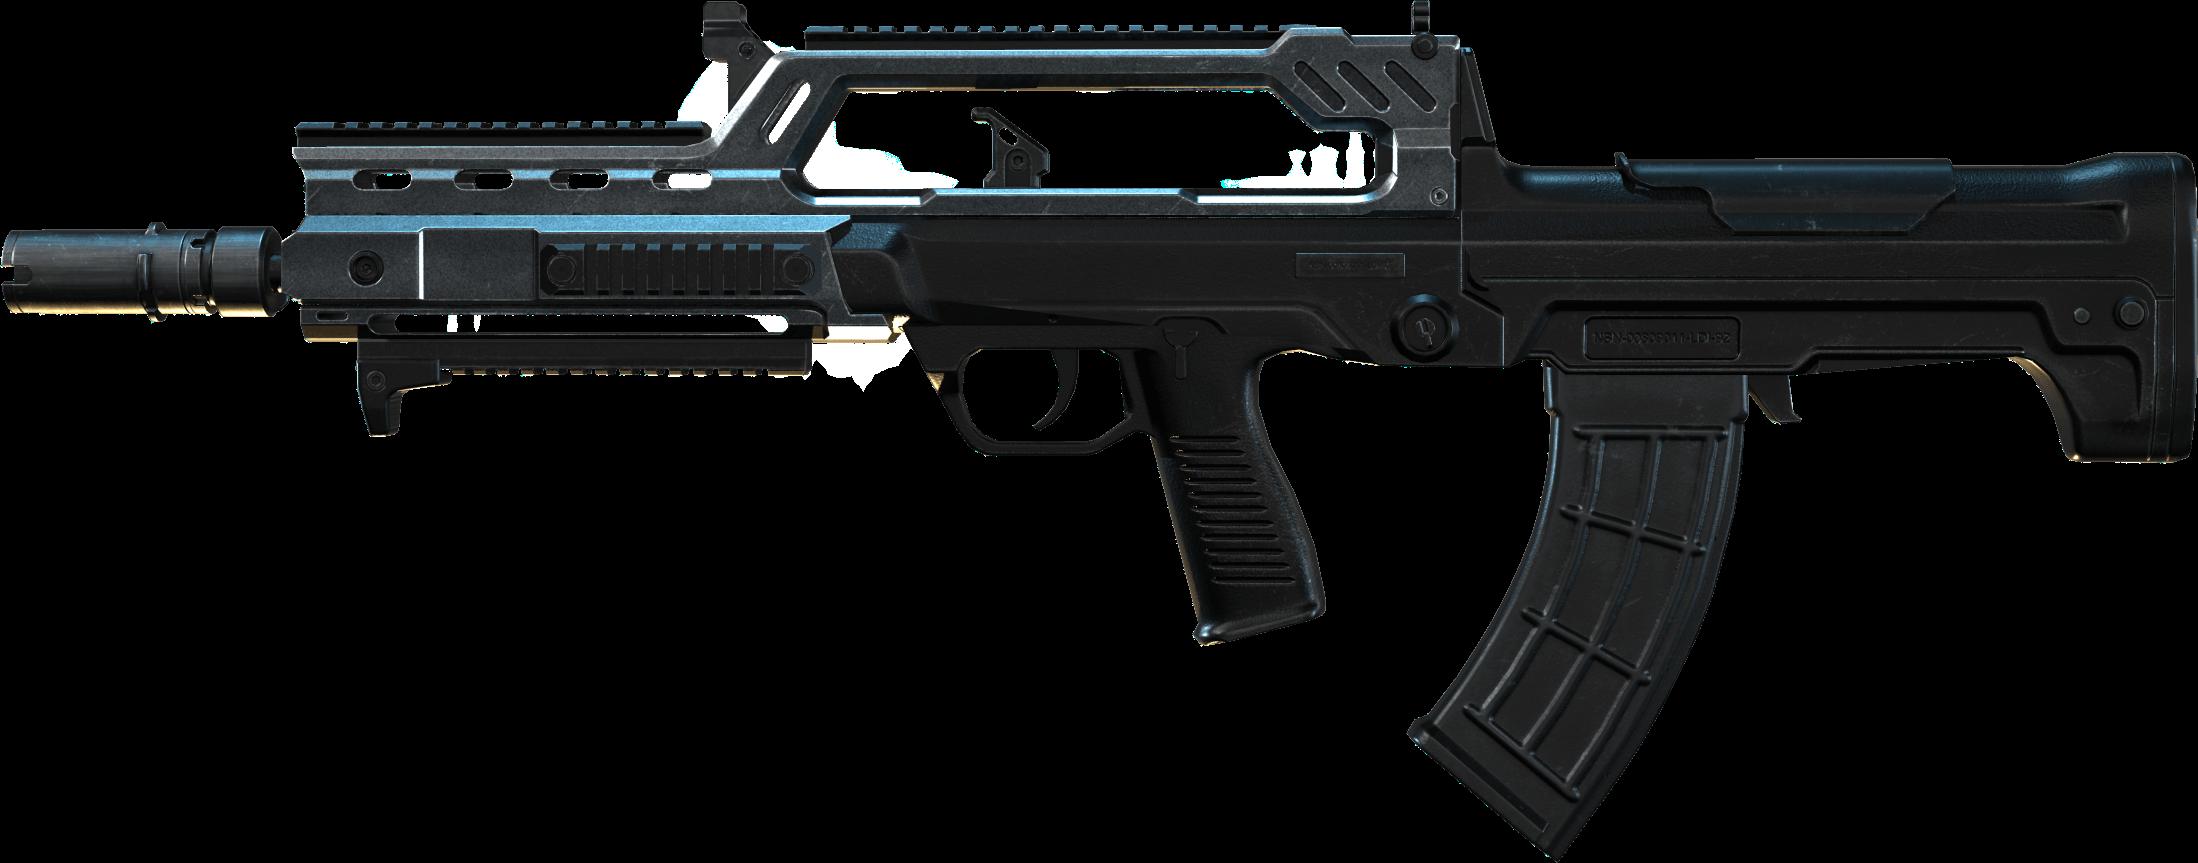 Type 97 (винтовка)